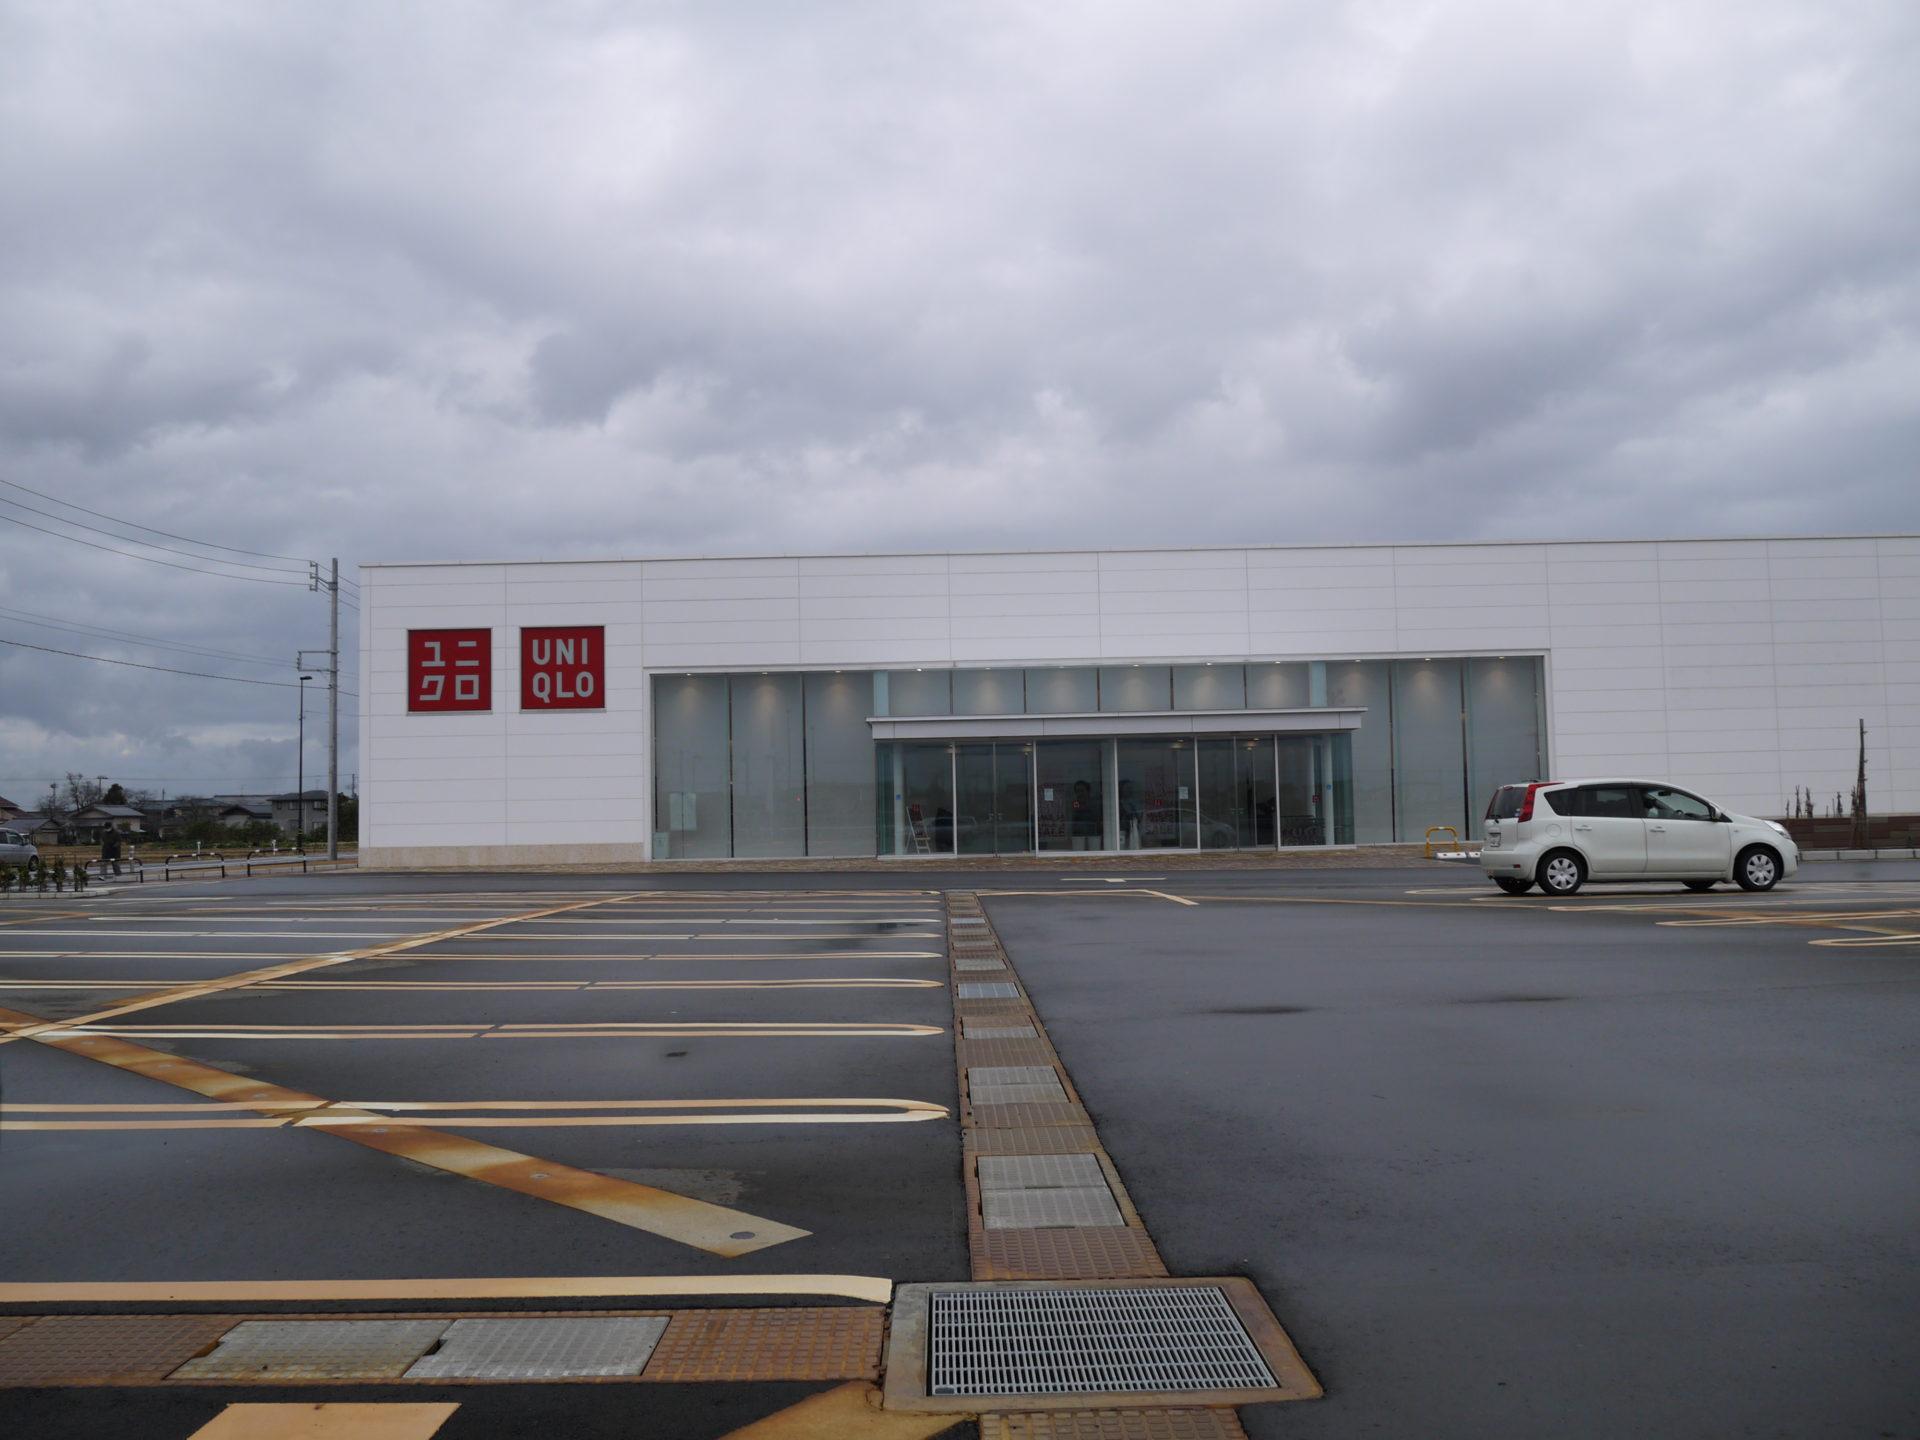 ユニクロ新発田店